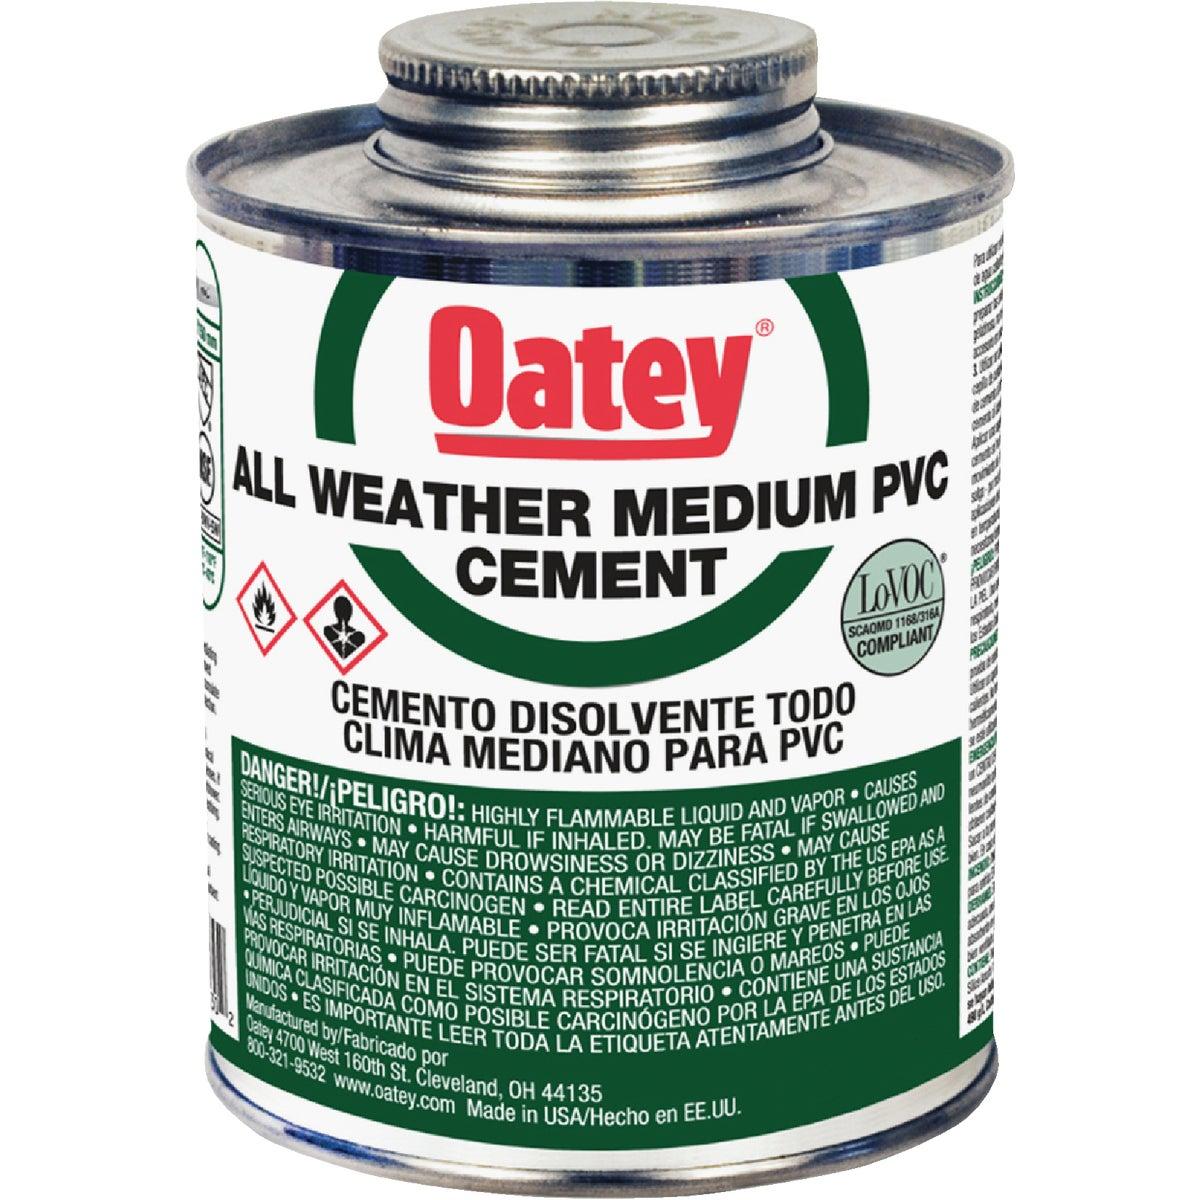 Oatey QT PVC CEMENT 31133